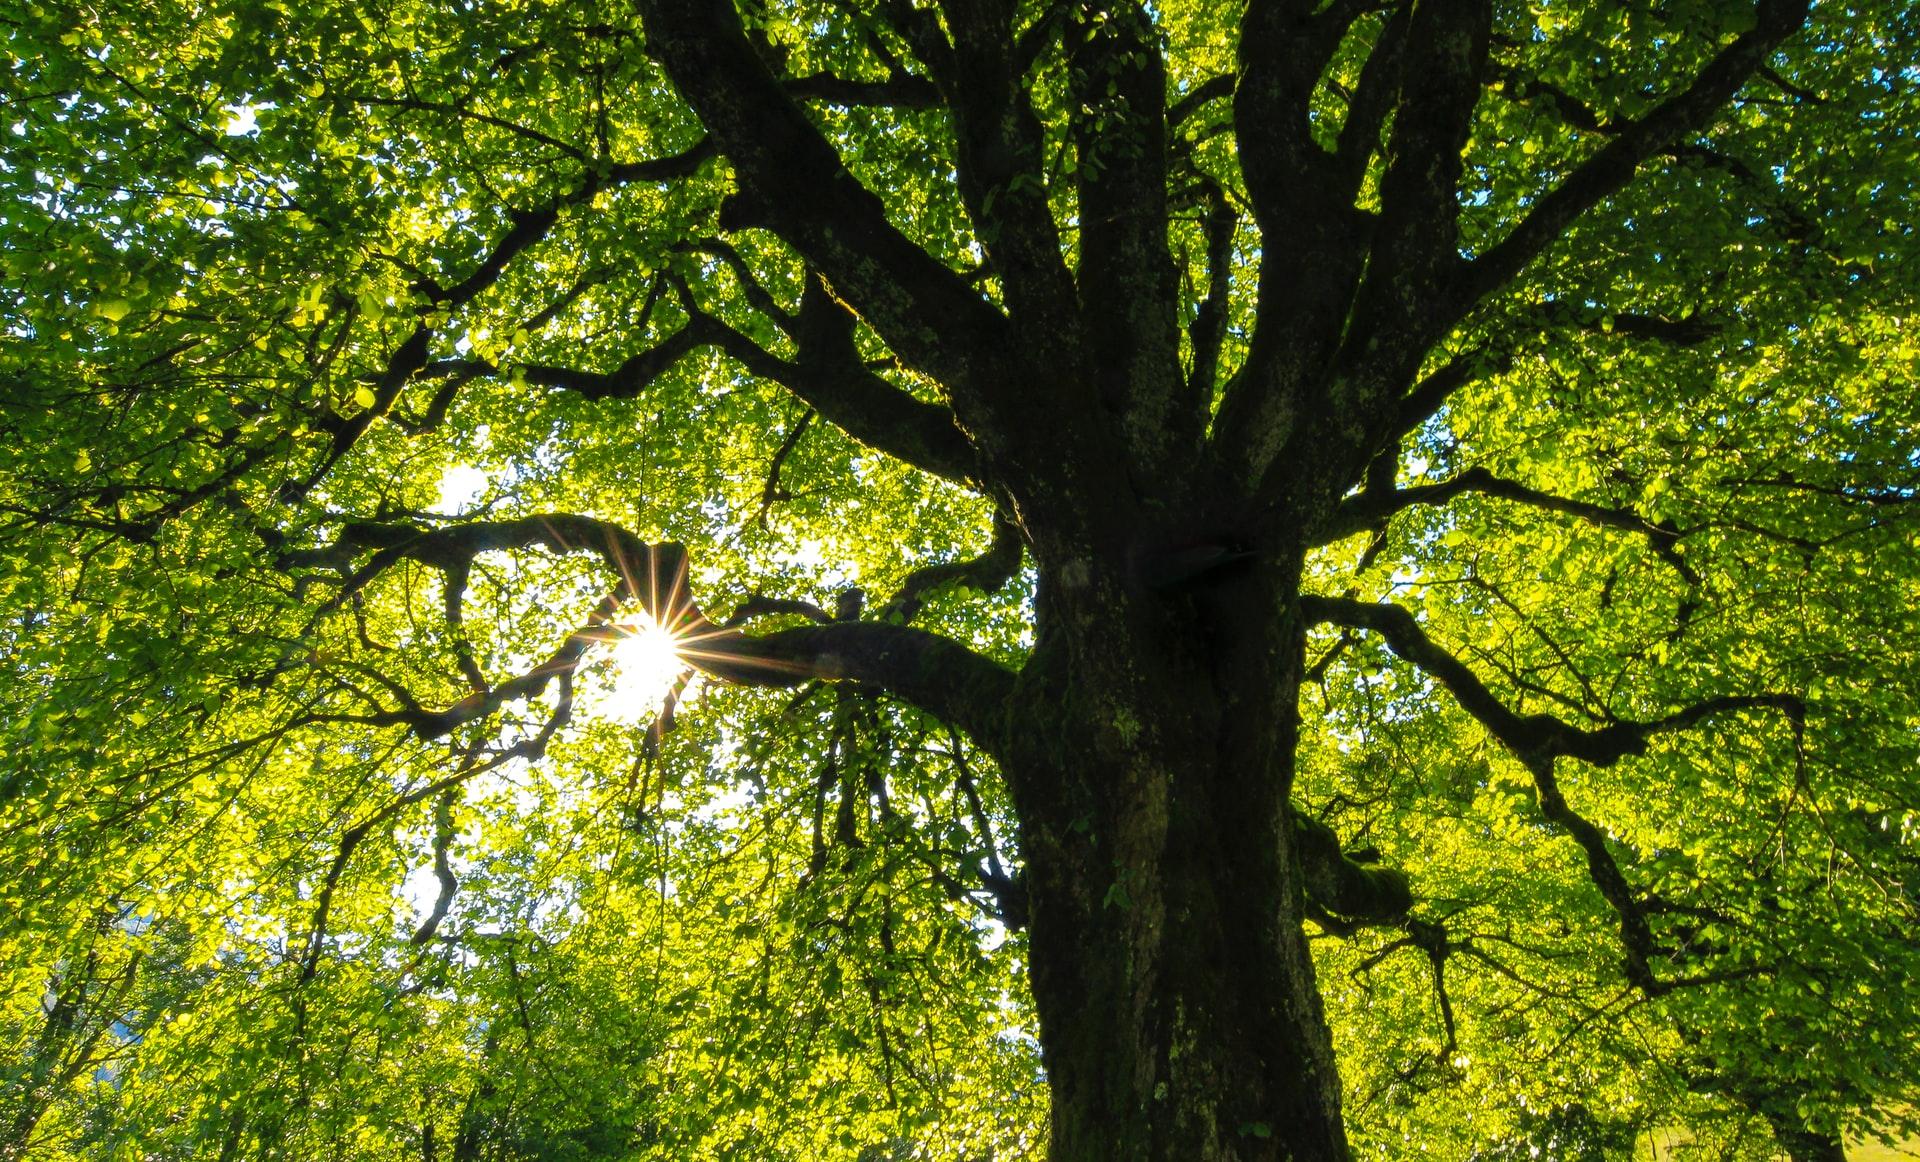 thumbnail image for blog Unpack a Picnic at Rock Creek Park